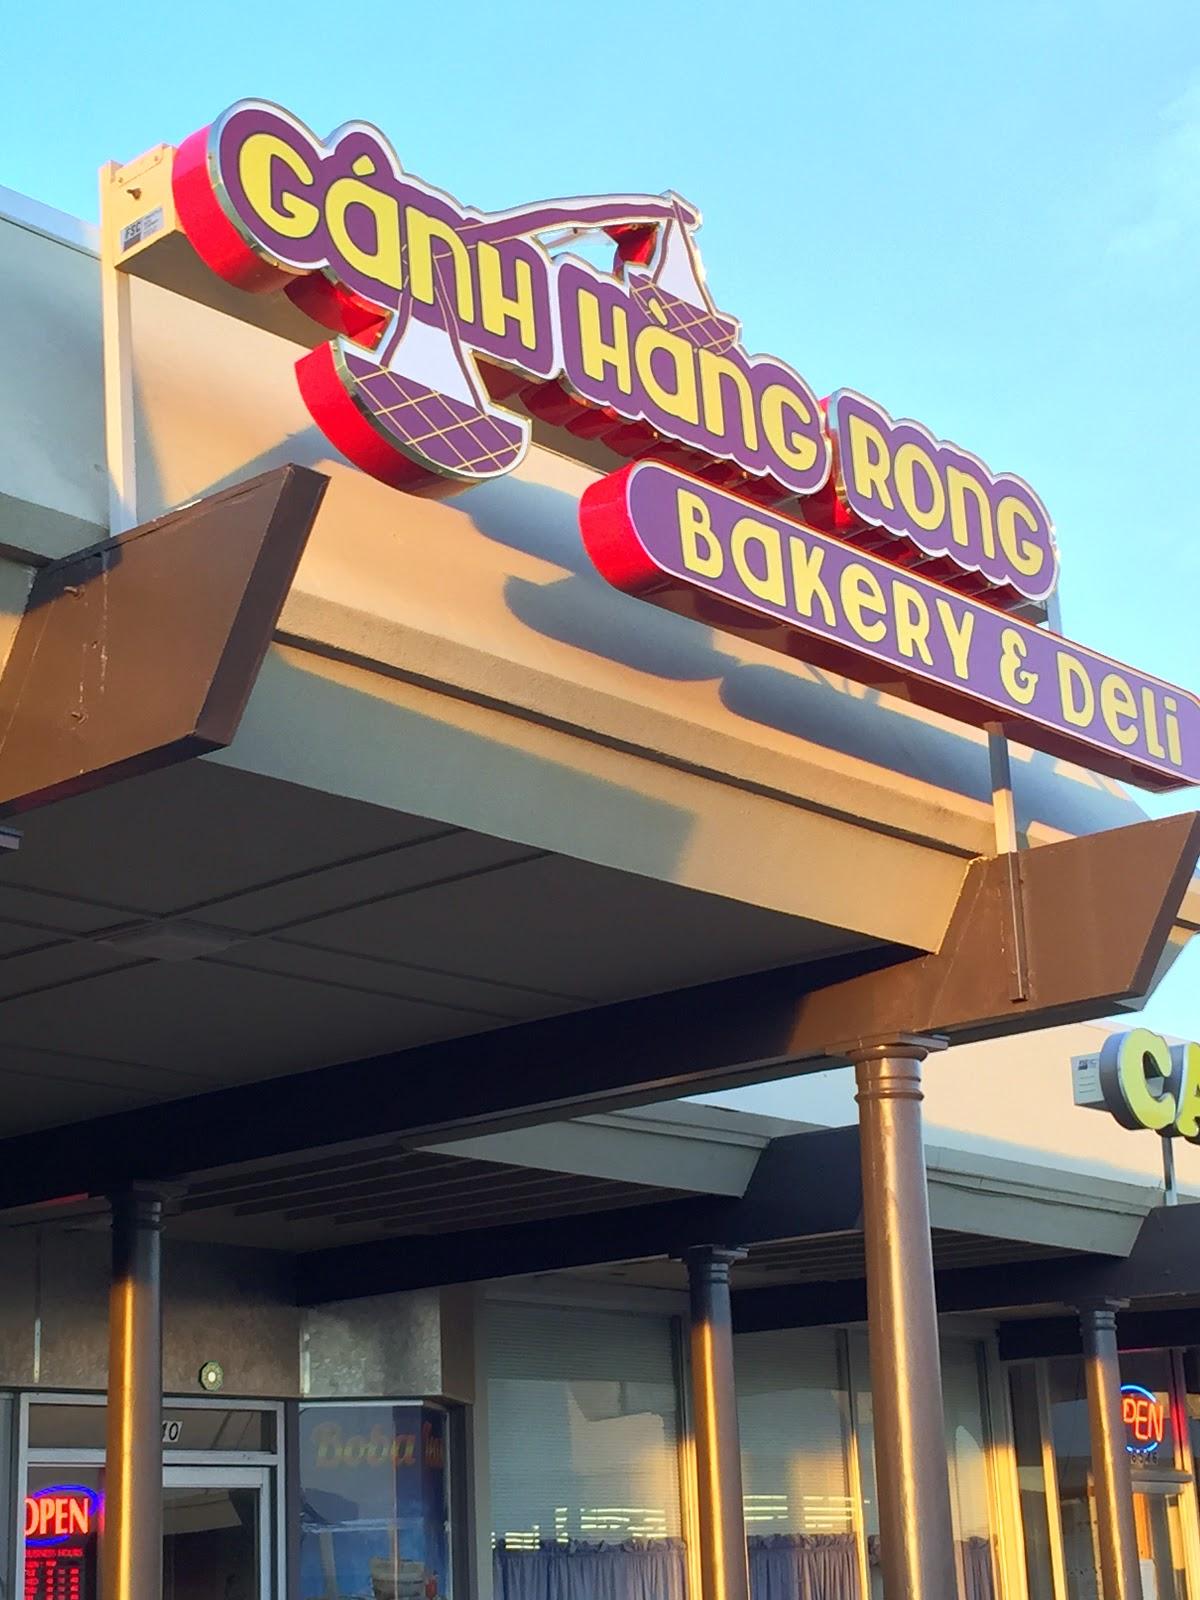 Ganh Hang Rong Bakery and Deli